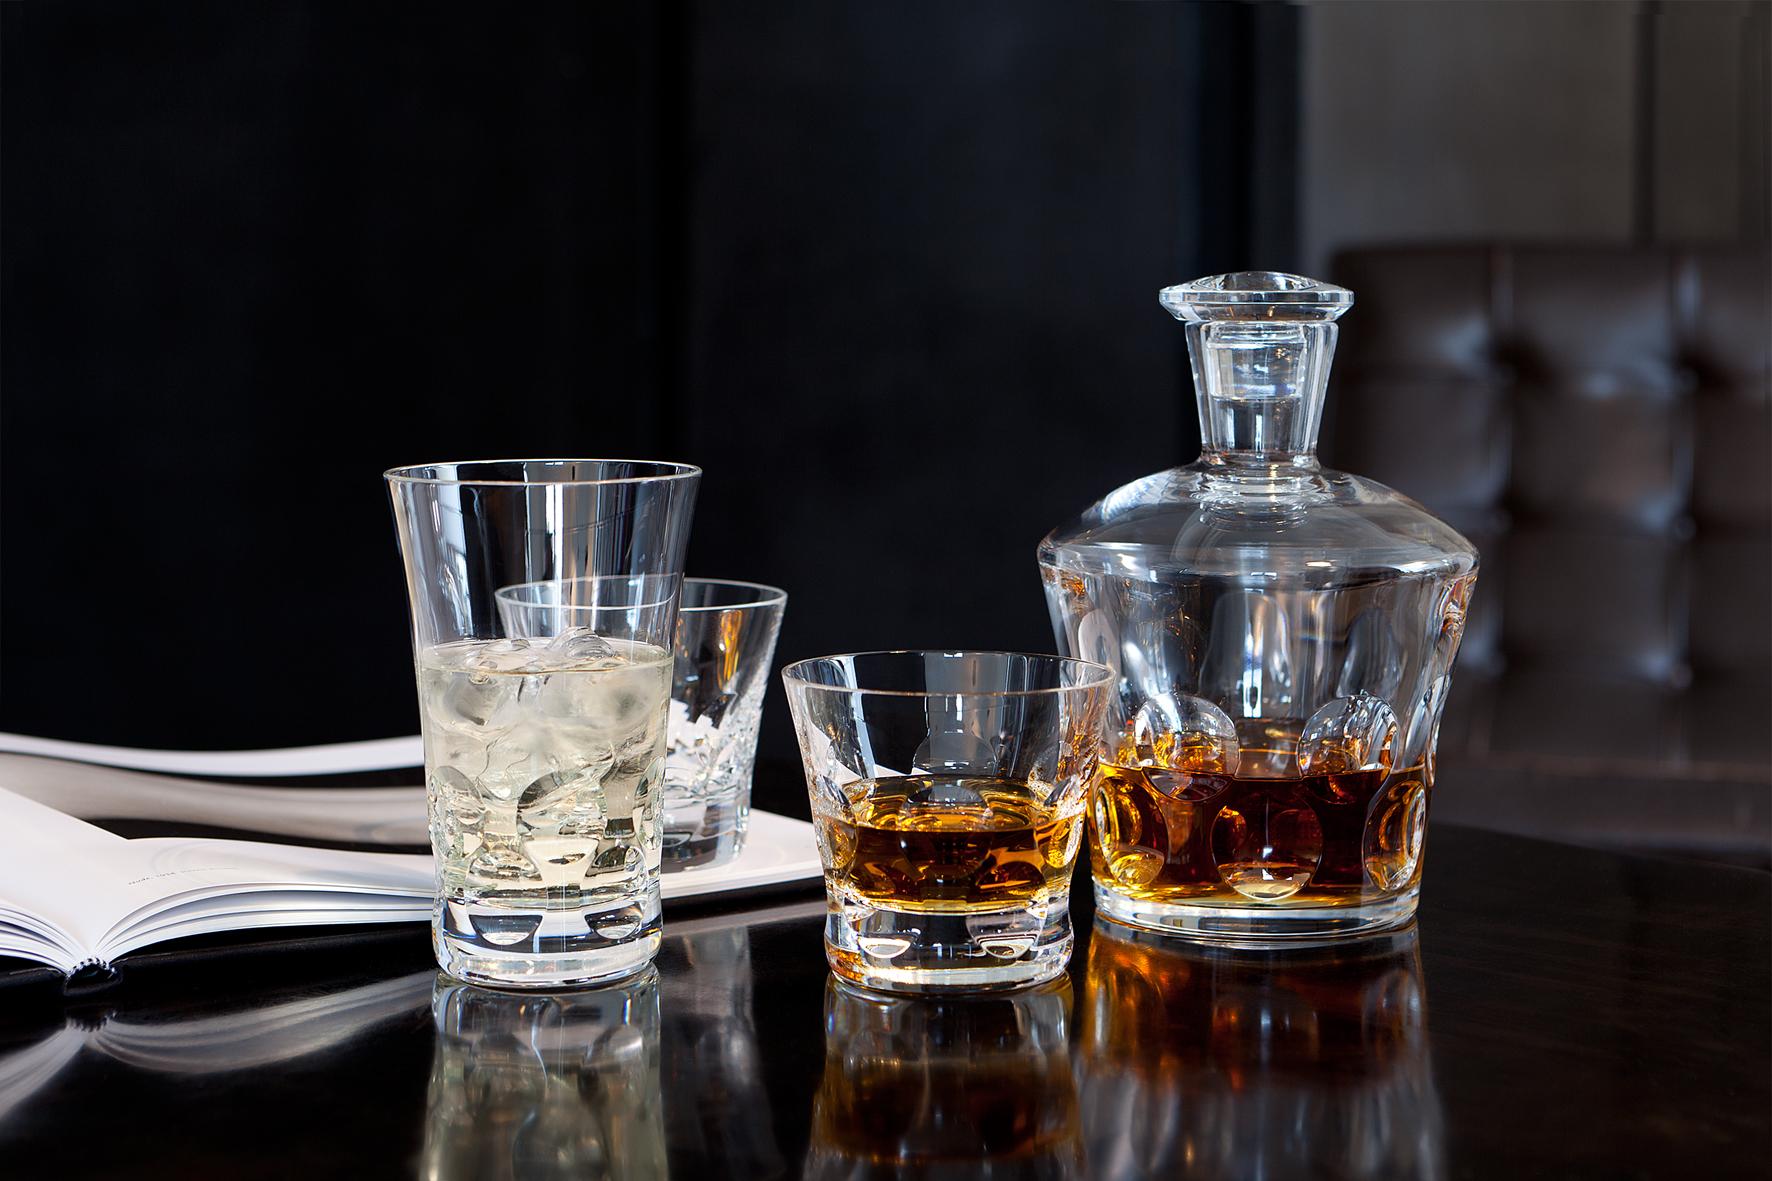 produits verres 21-14_15x18cm_300dpi